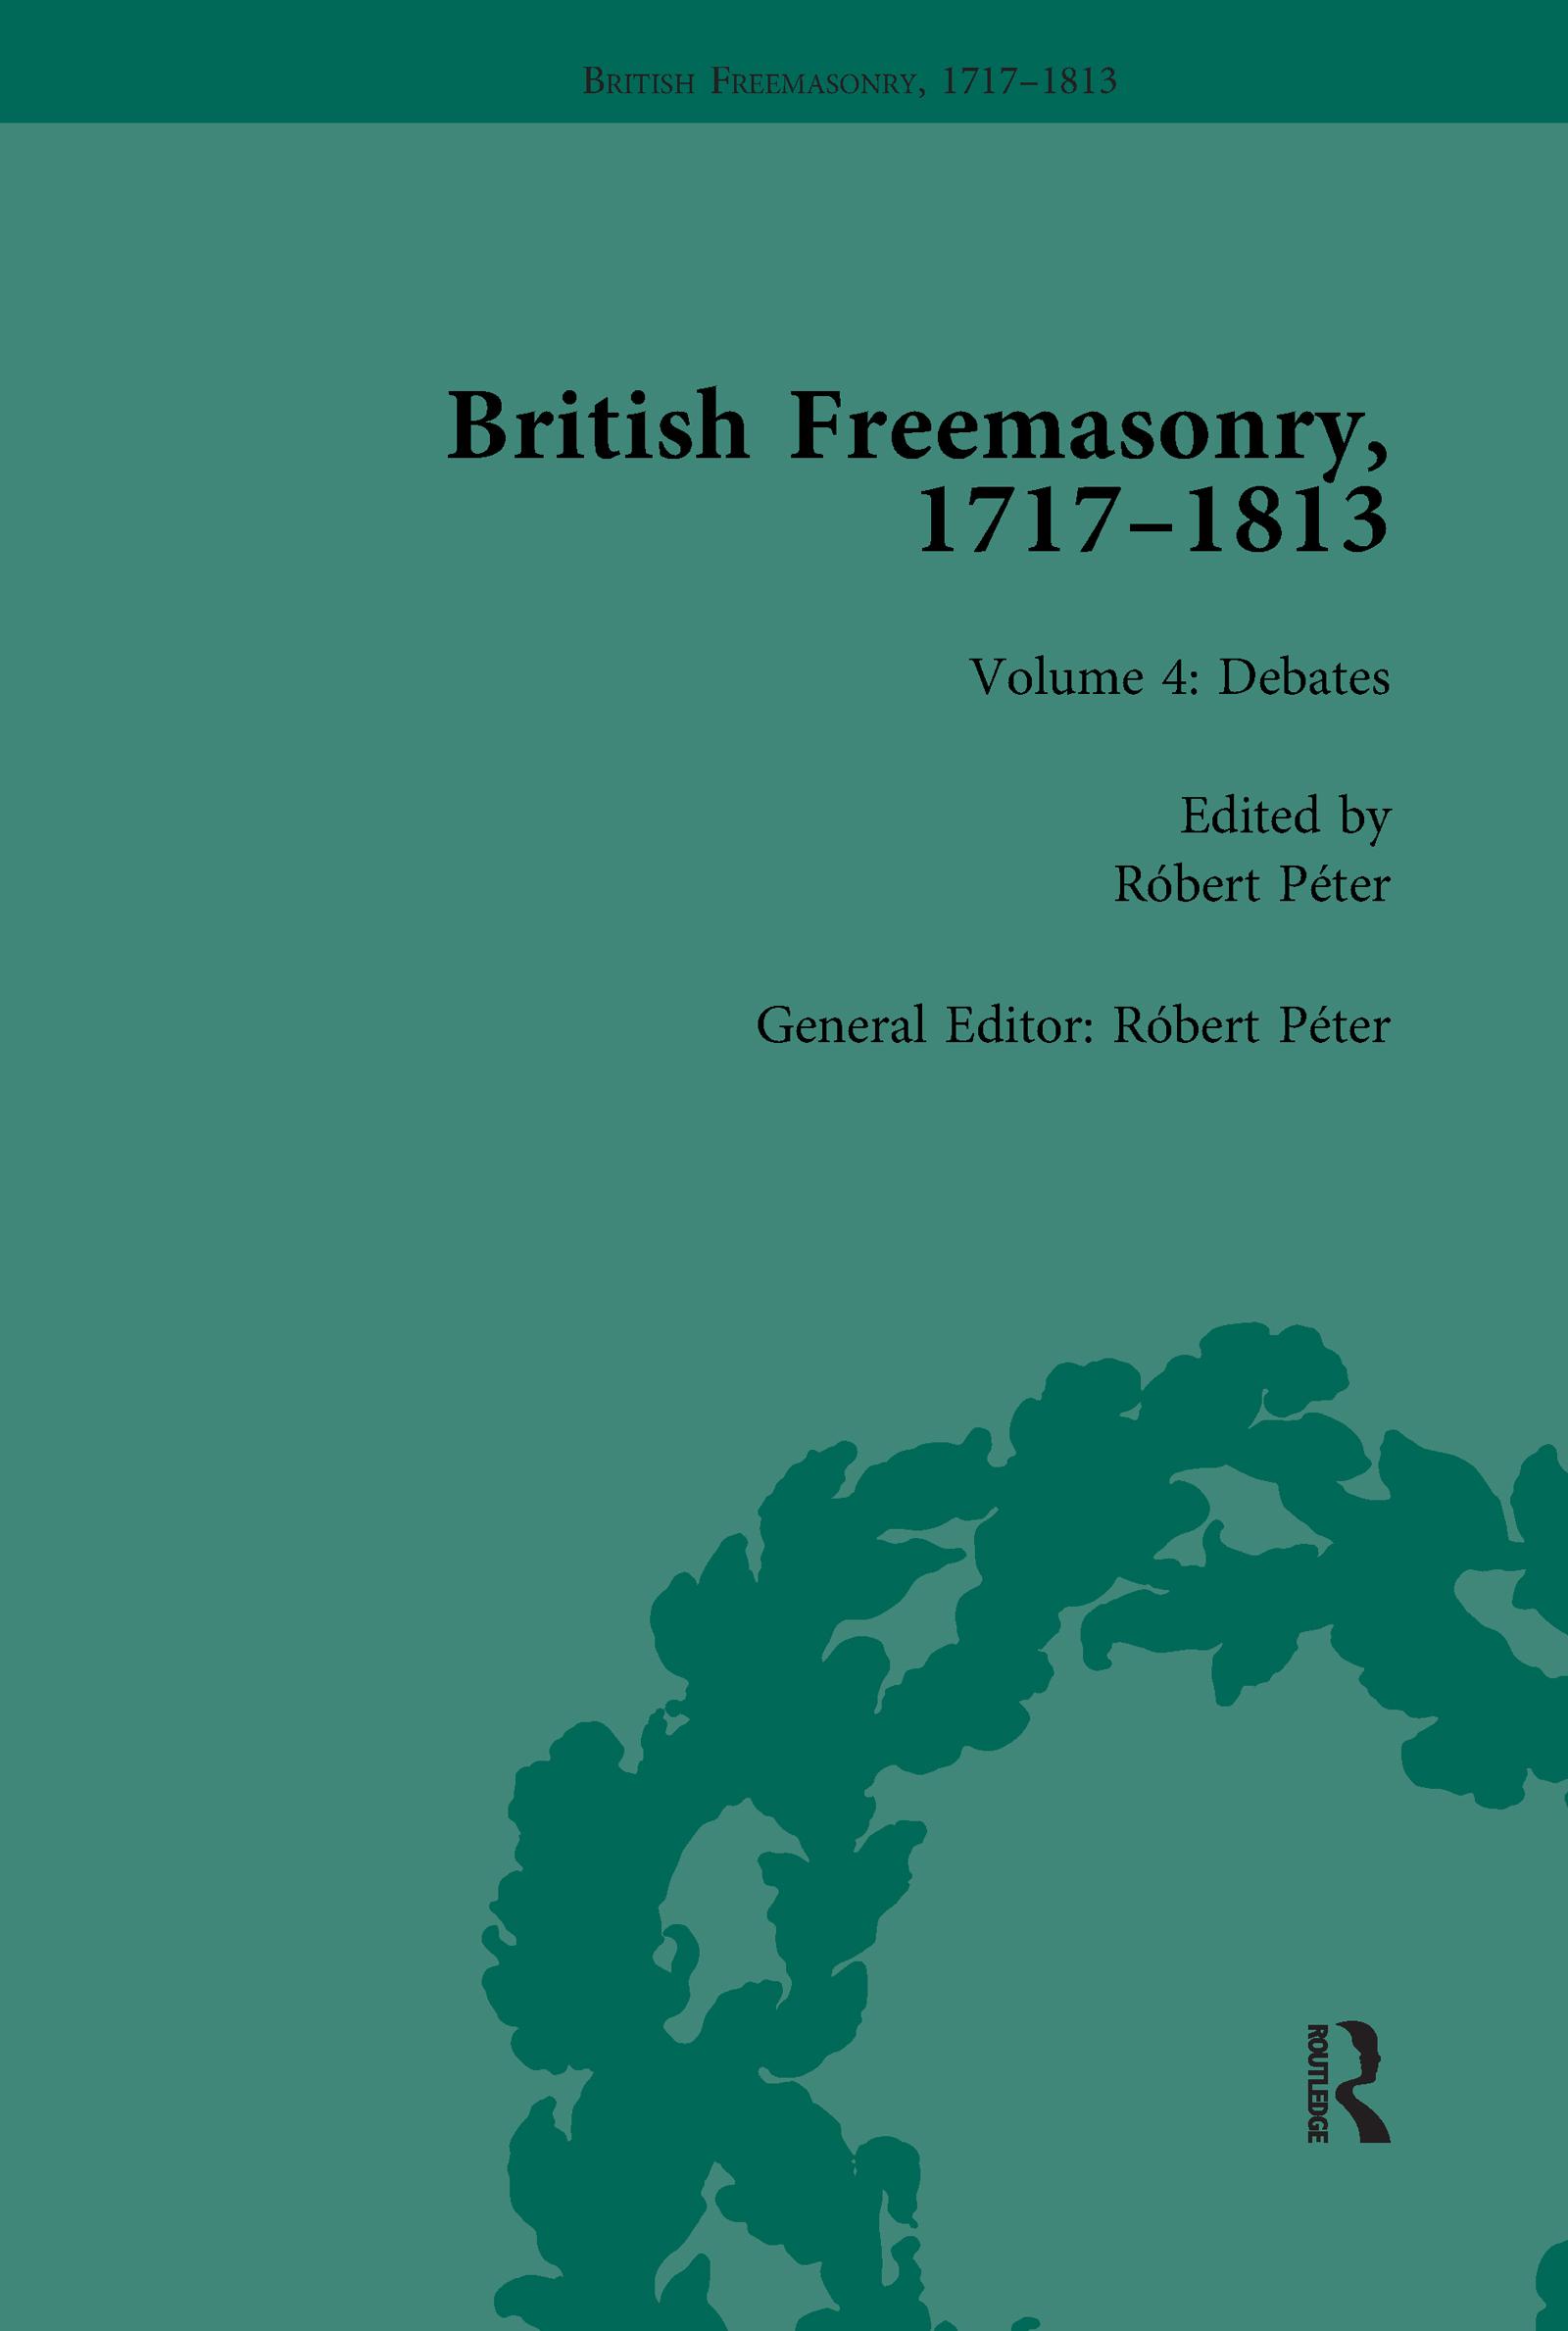 British Freemasonry, 1717-1813 Volume 4